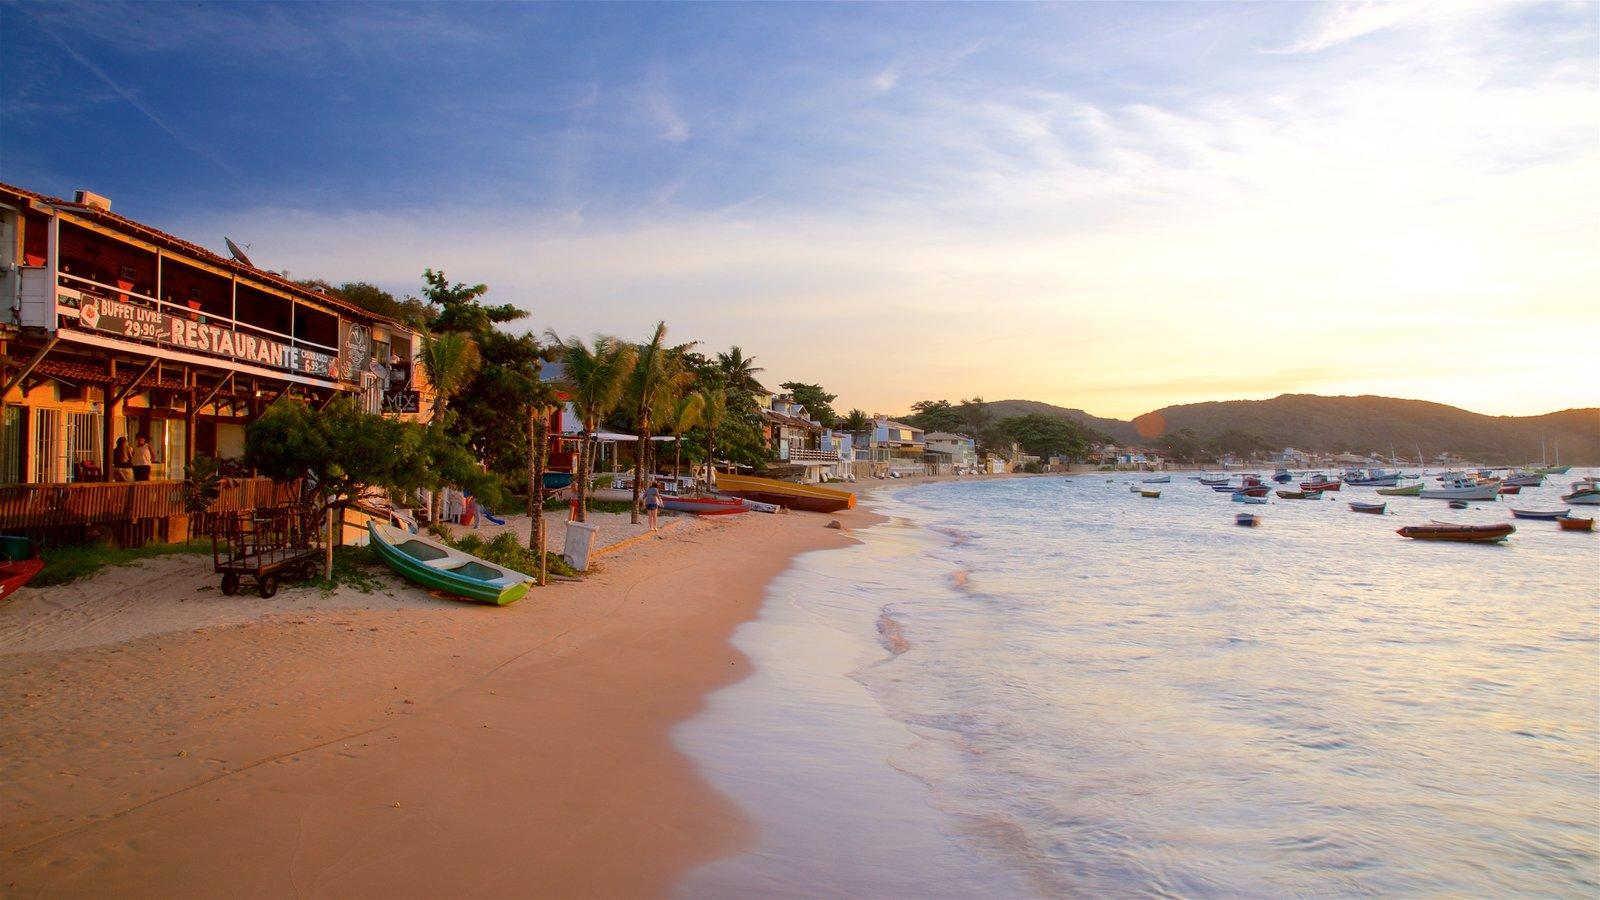 Orla Bardot caracterizando uma praia, uma baía ou porto e paisagens litorâneas